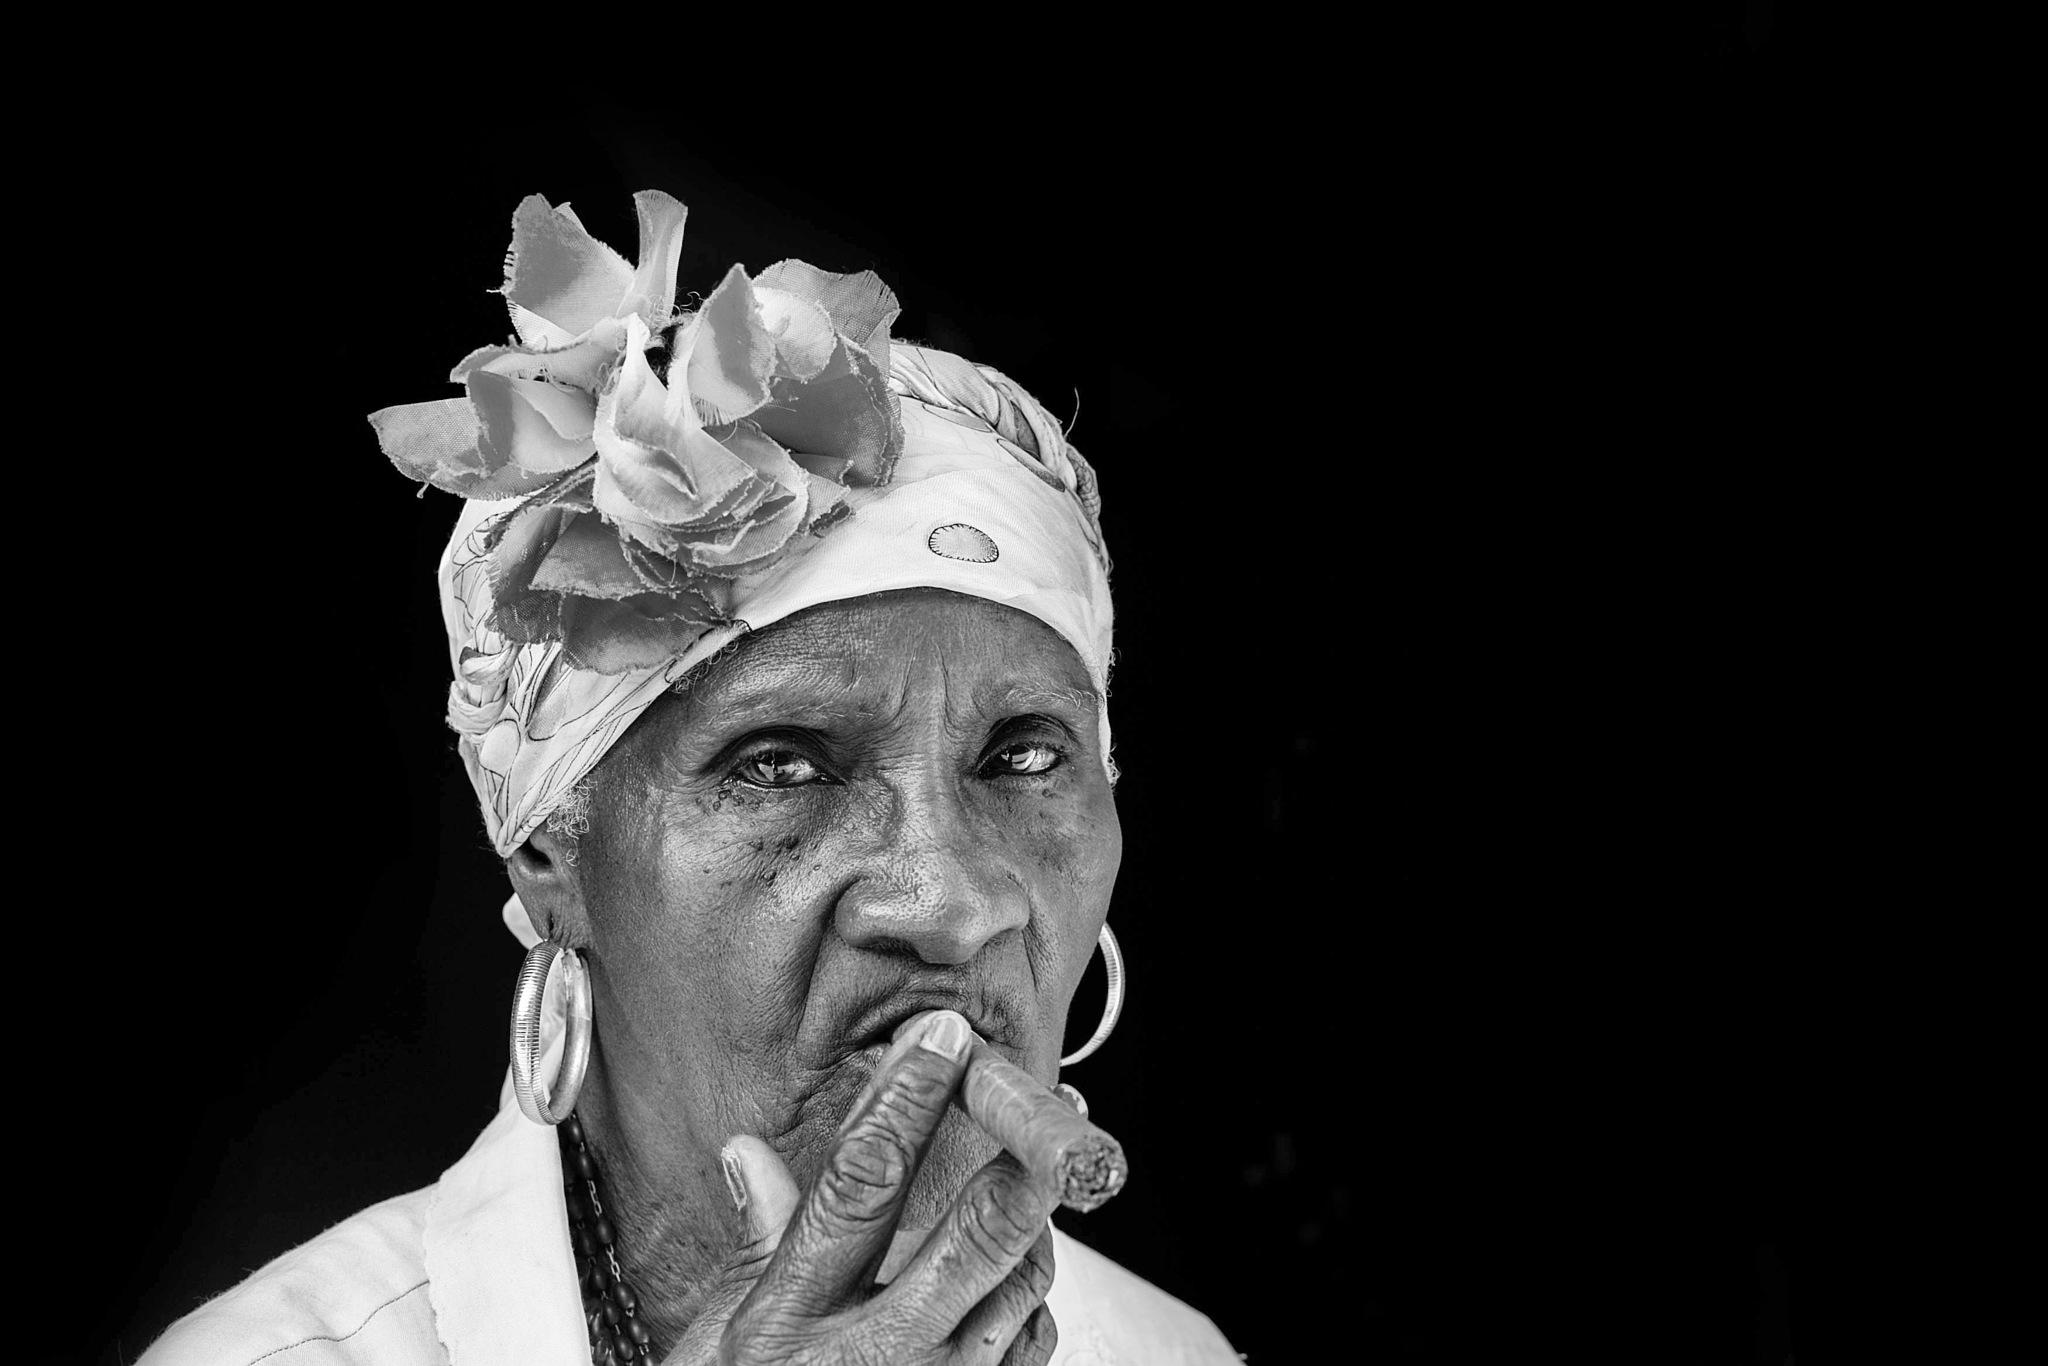 Cigar Puffer by Mahesh Krishnamurthy